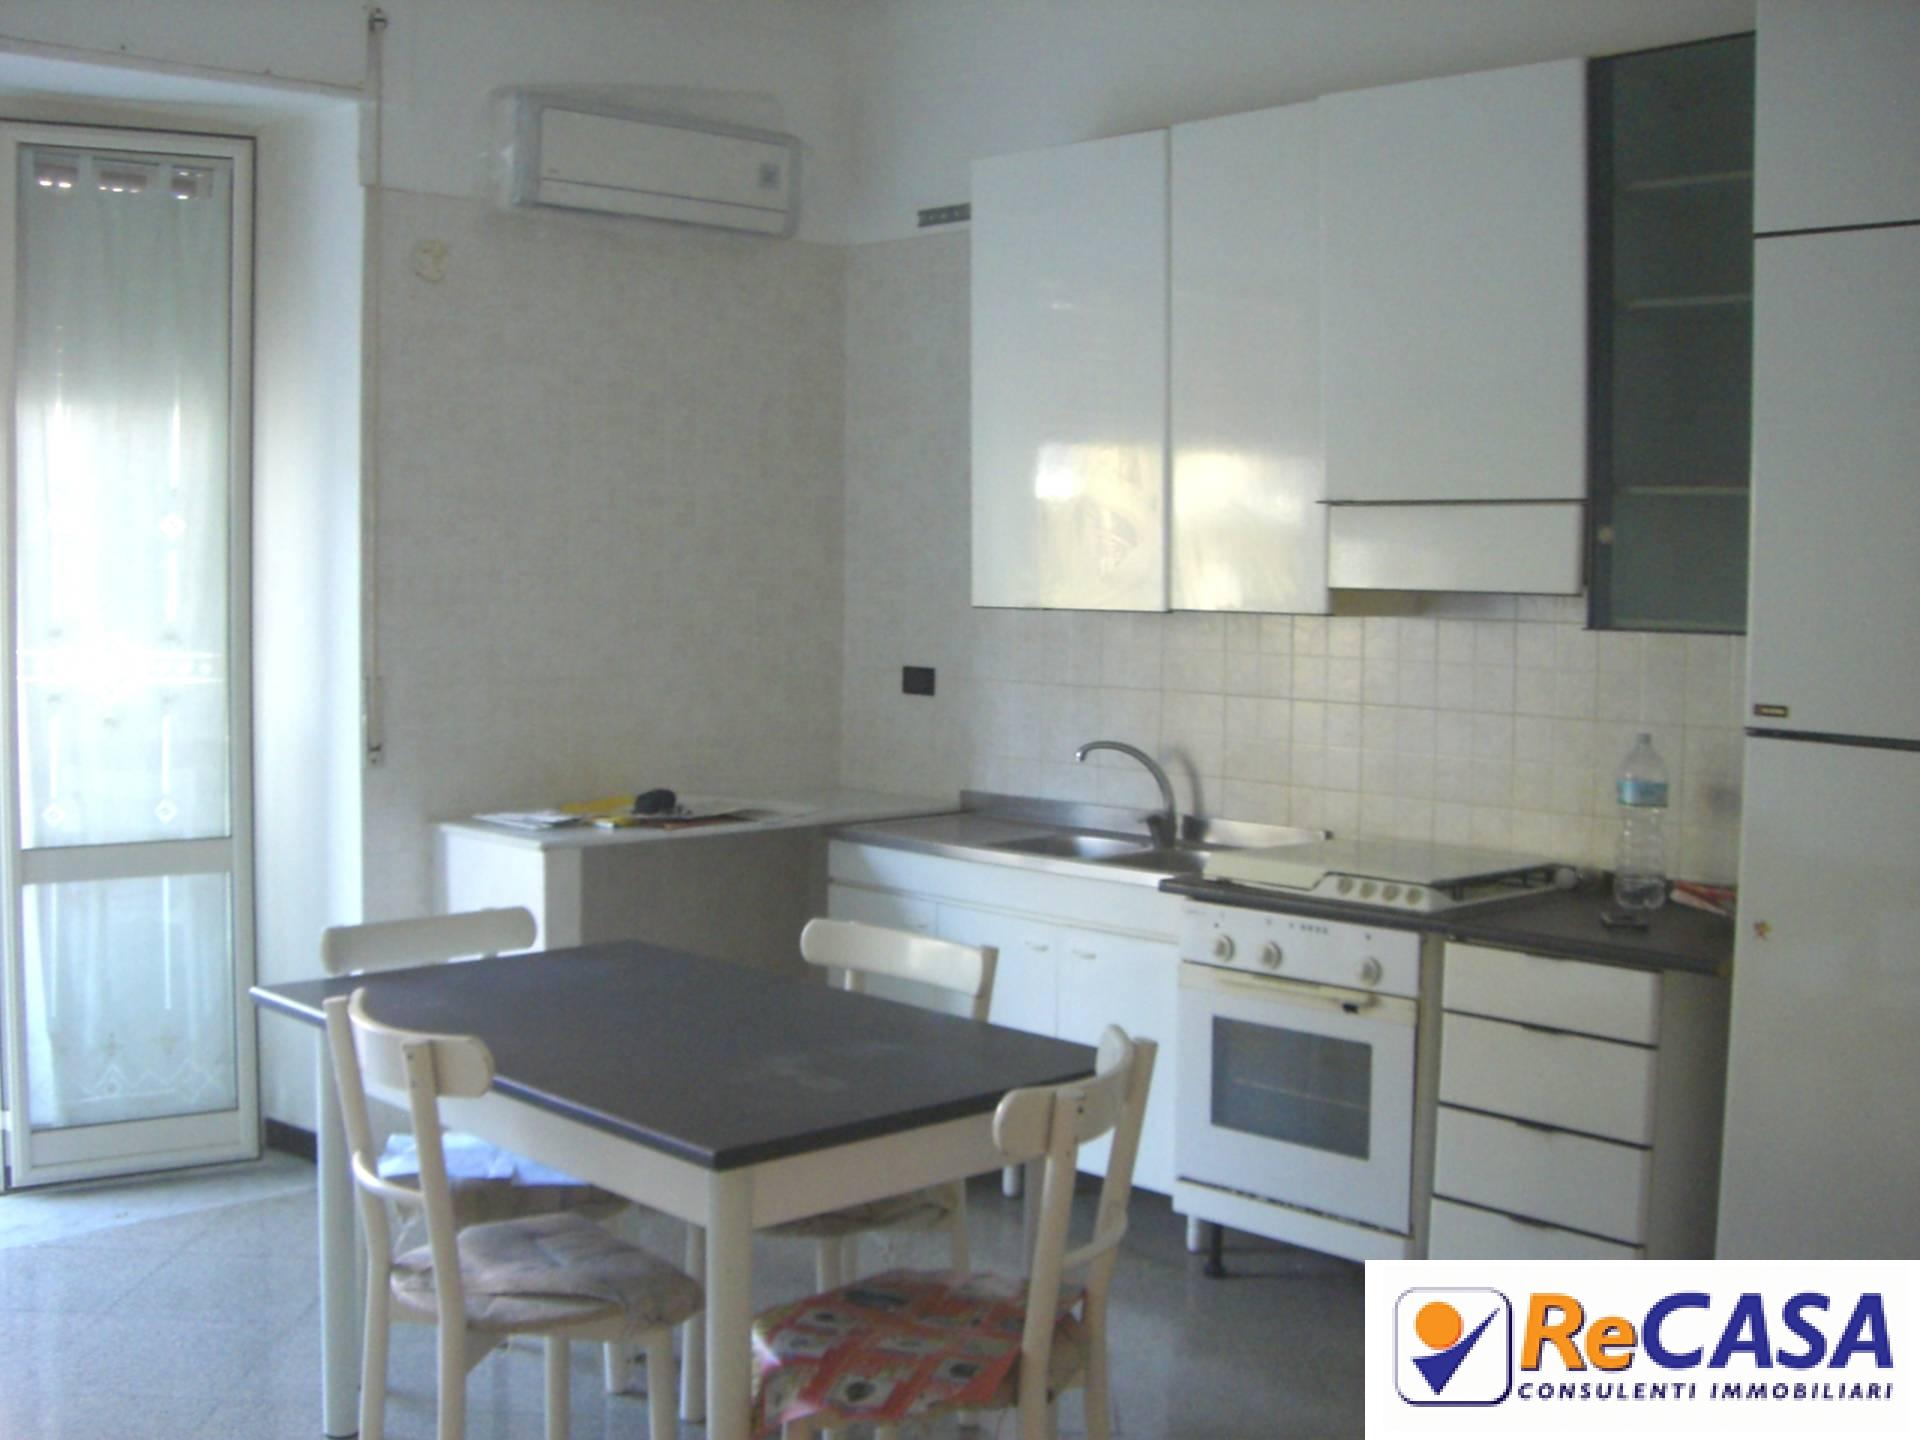 Appartamento in affitto a Montecorvino Rovella, 3 locali, zona Località: SanMartino, prezzo € 330 | Cambio Casa.it